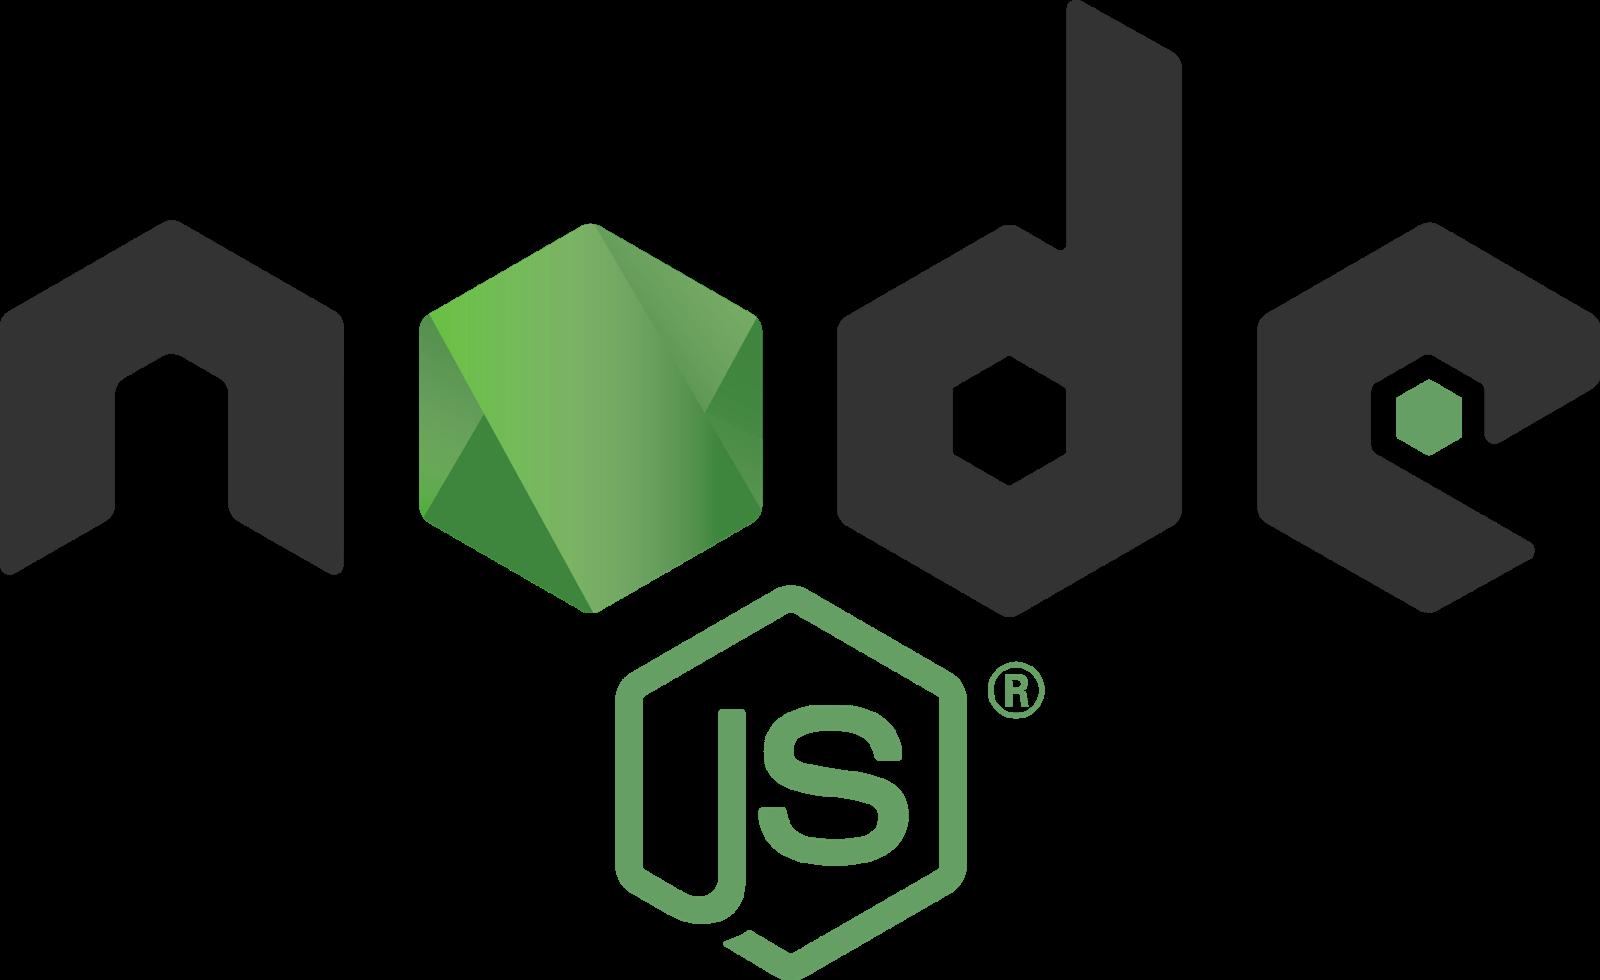 在CentOS上安装node.js和npm